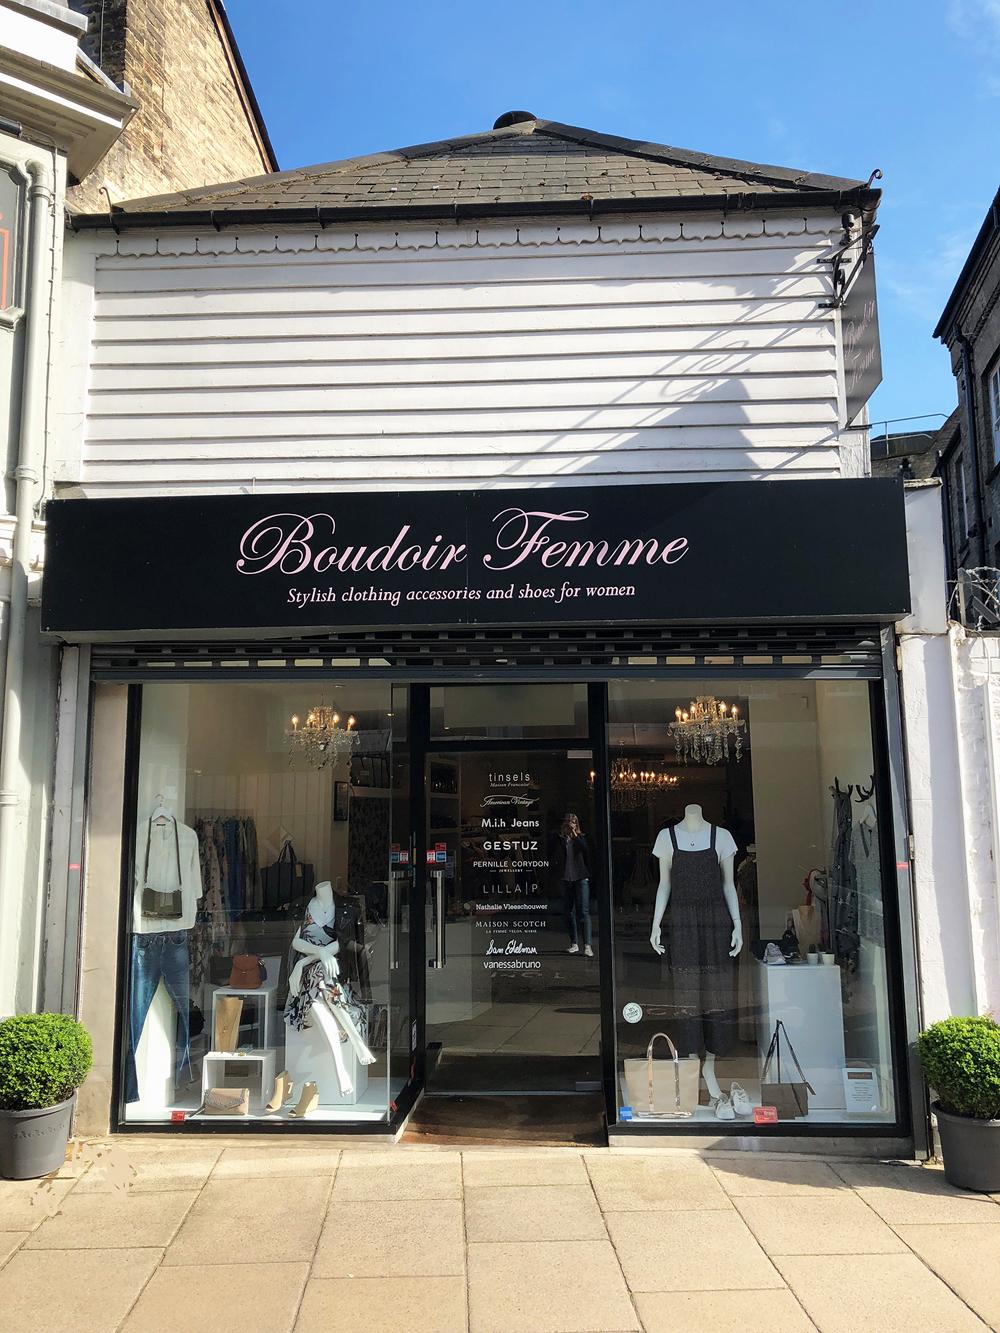 Boudoir_femme_shopfront.JPG